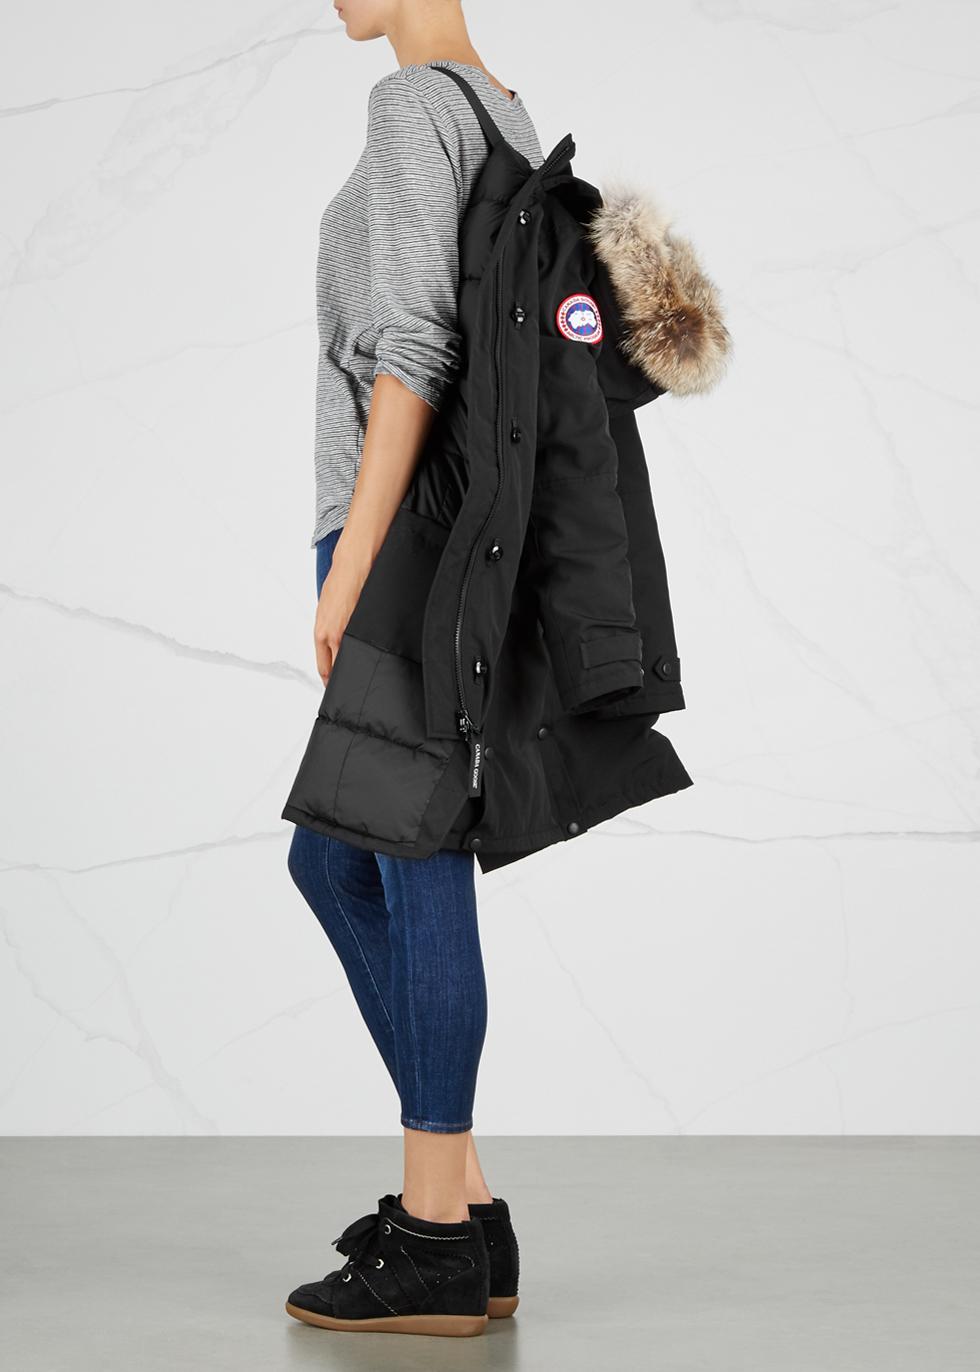 Kensington black fur-trimmed parka - Canada Goose